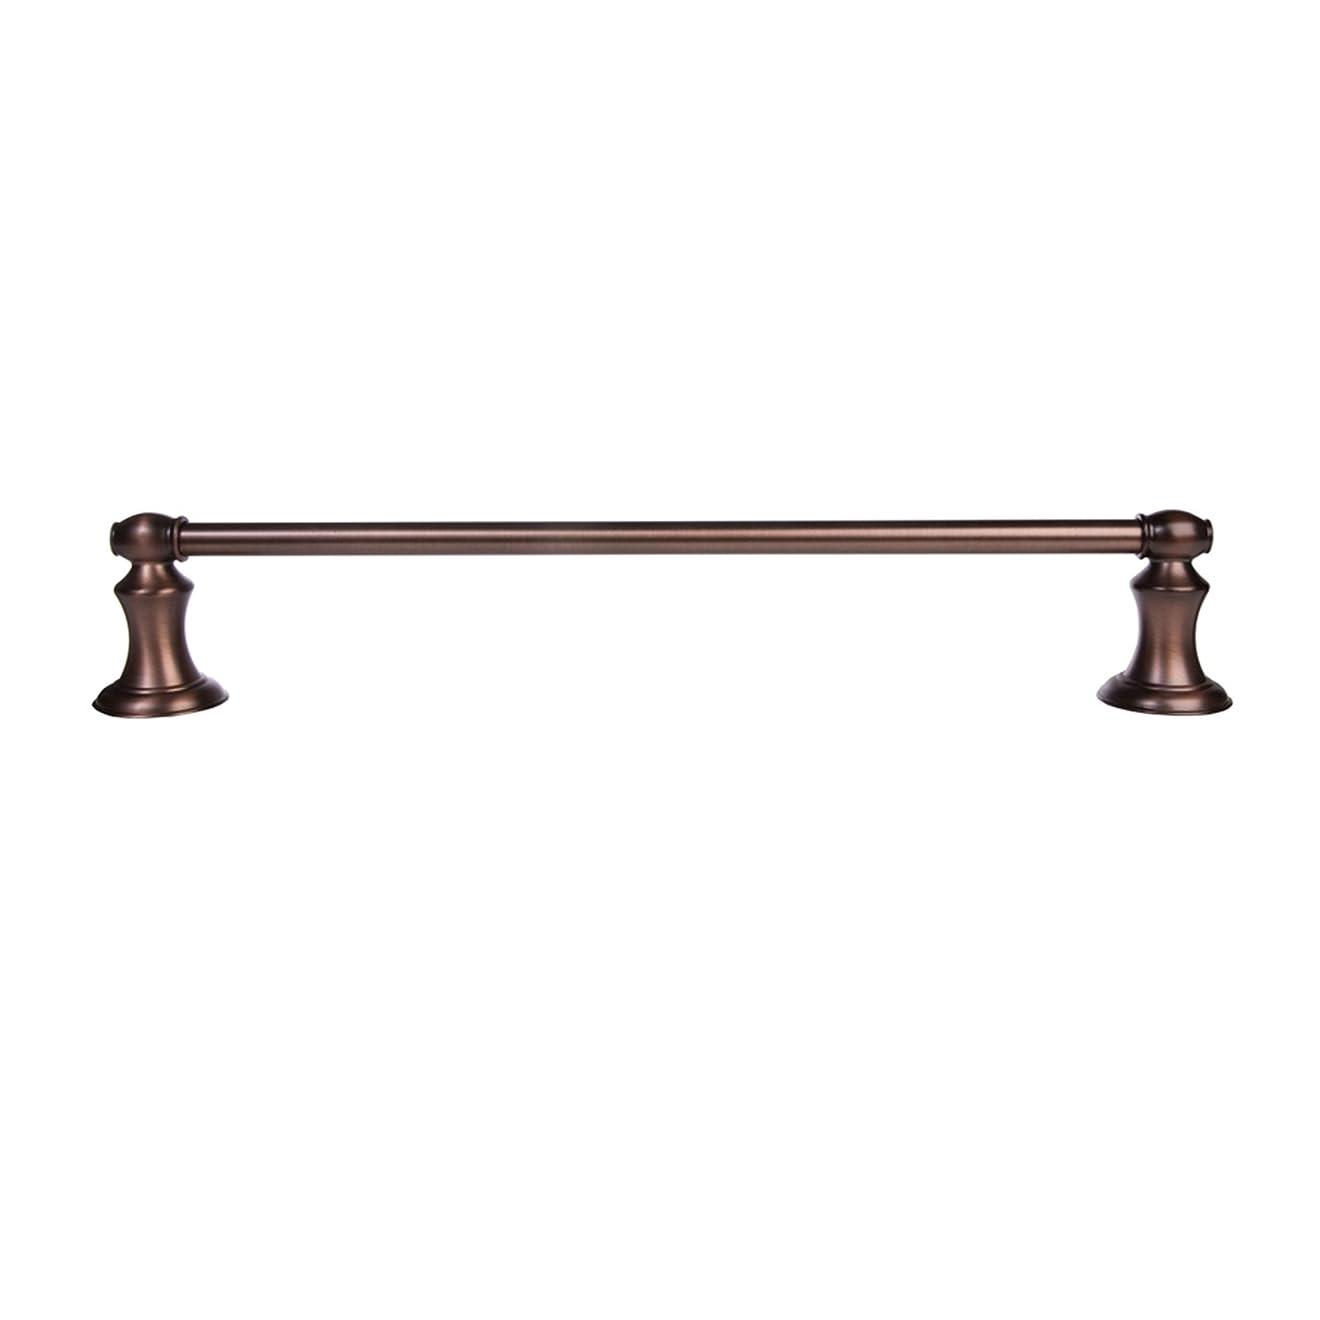 お手伝いさん行商荒れ地Arista Bath Products Highlander Series Towel Bar, 24-Inch, Oil Rubbed Bronze by Arista Bath Products